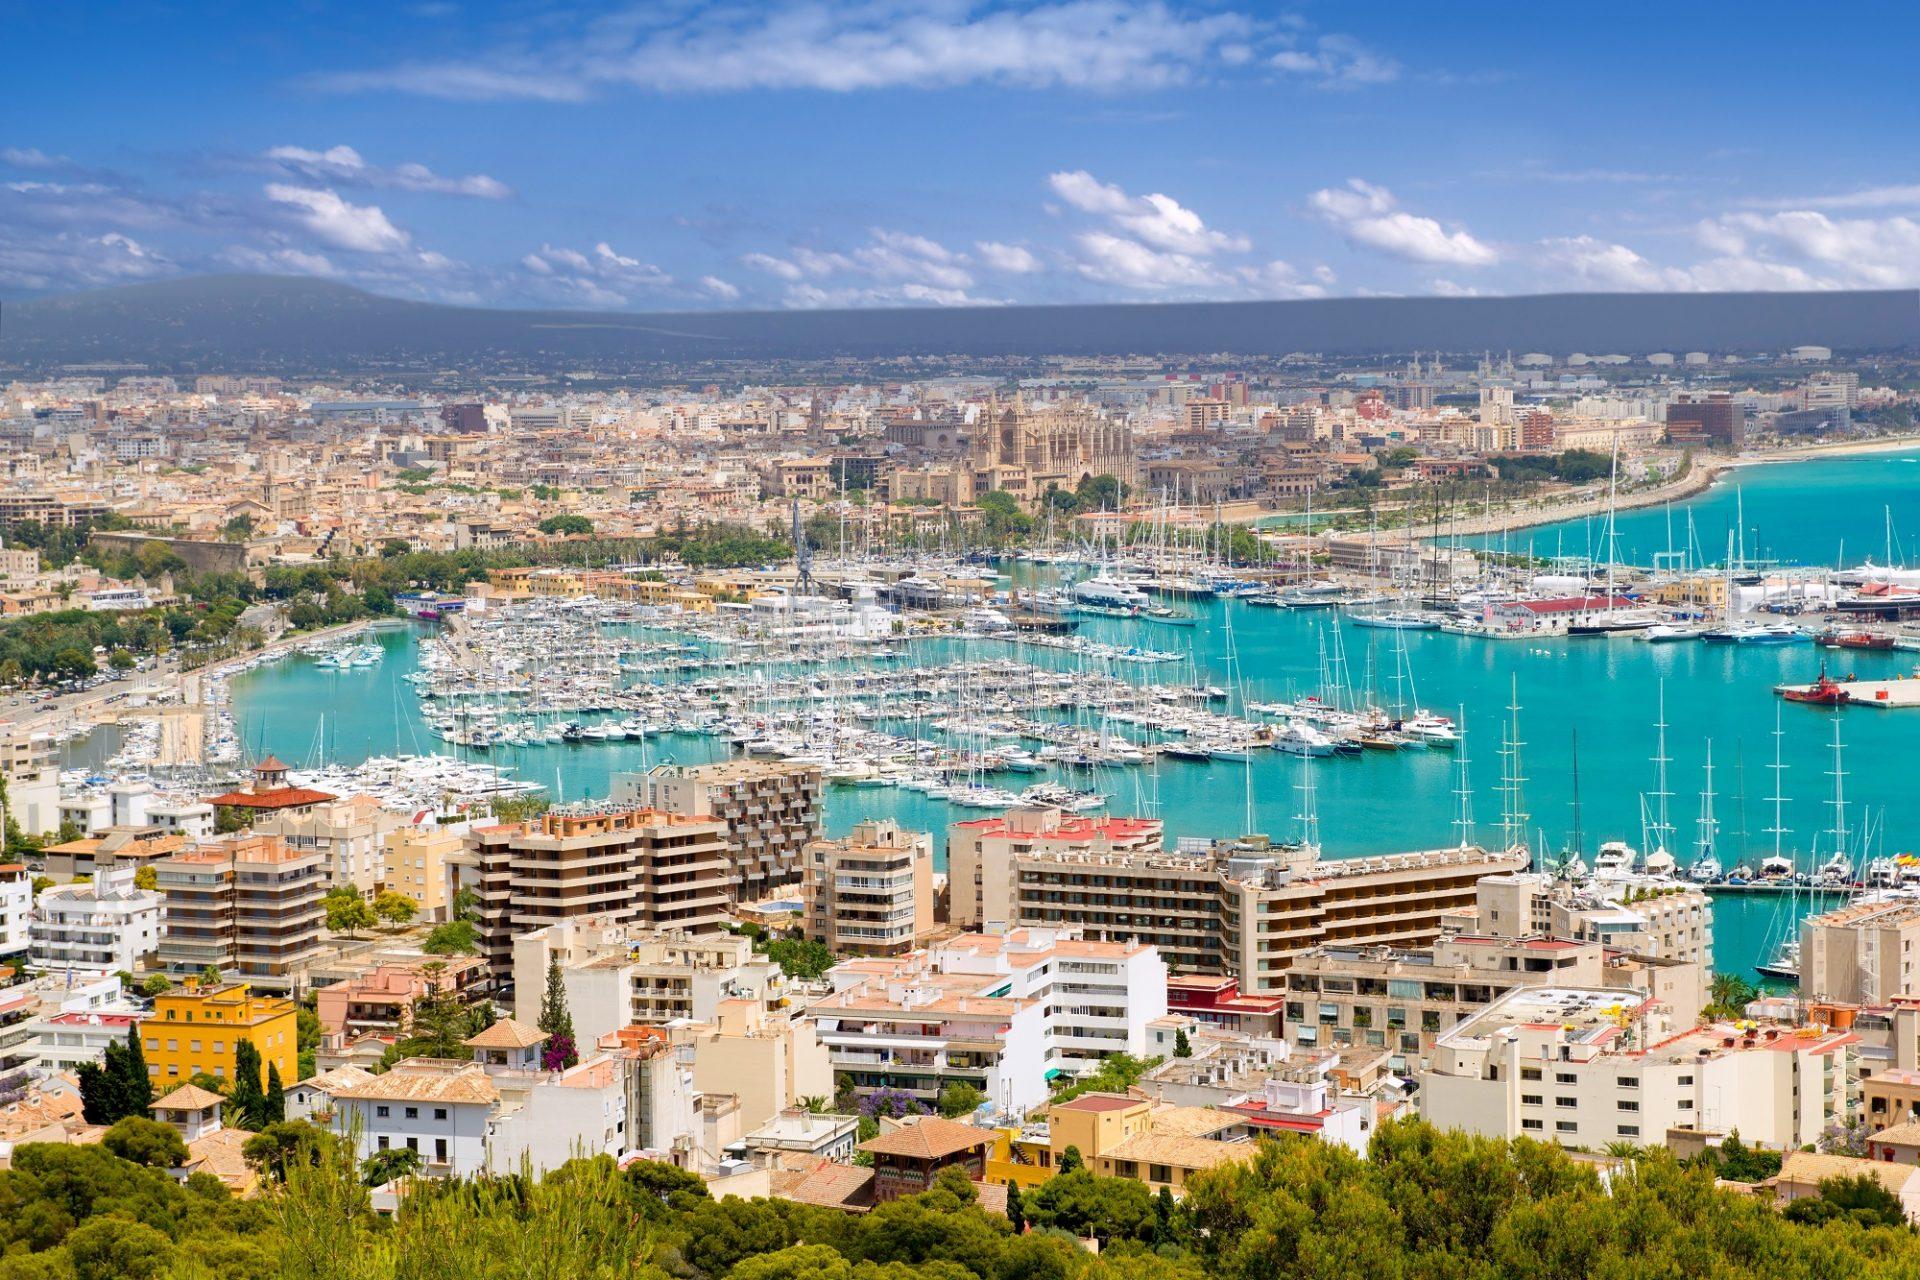 Ein Hafen in Palma mit Schiffen auf Mallorca